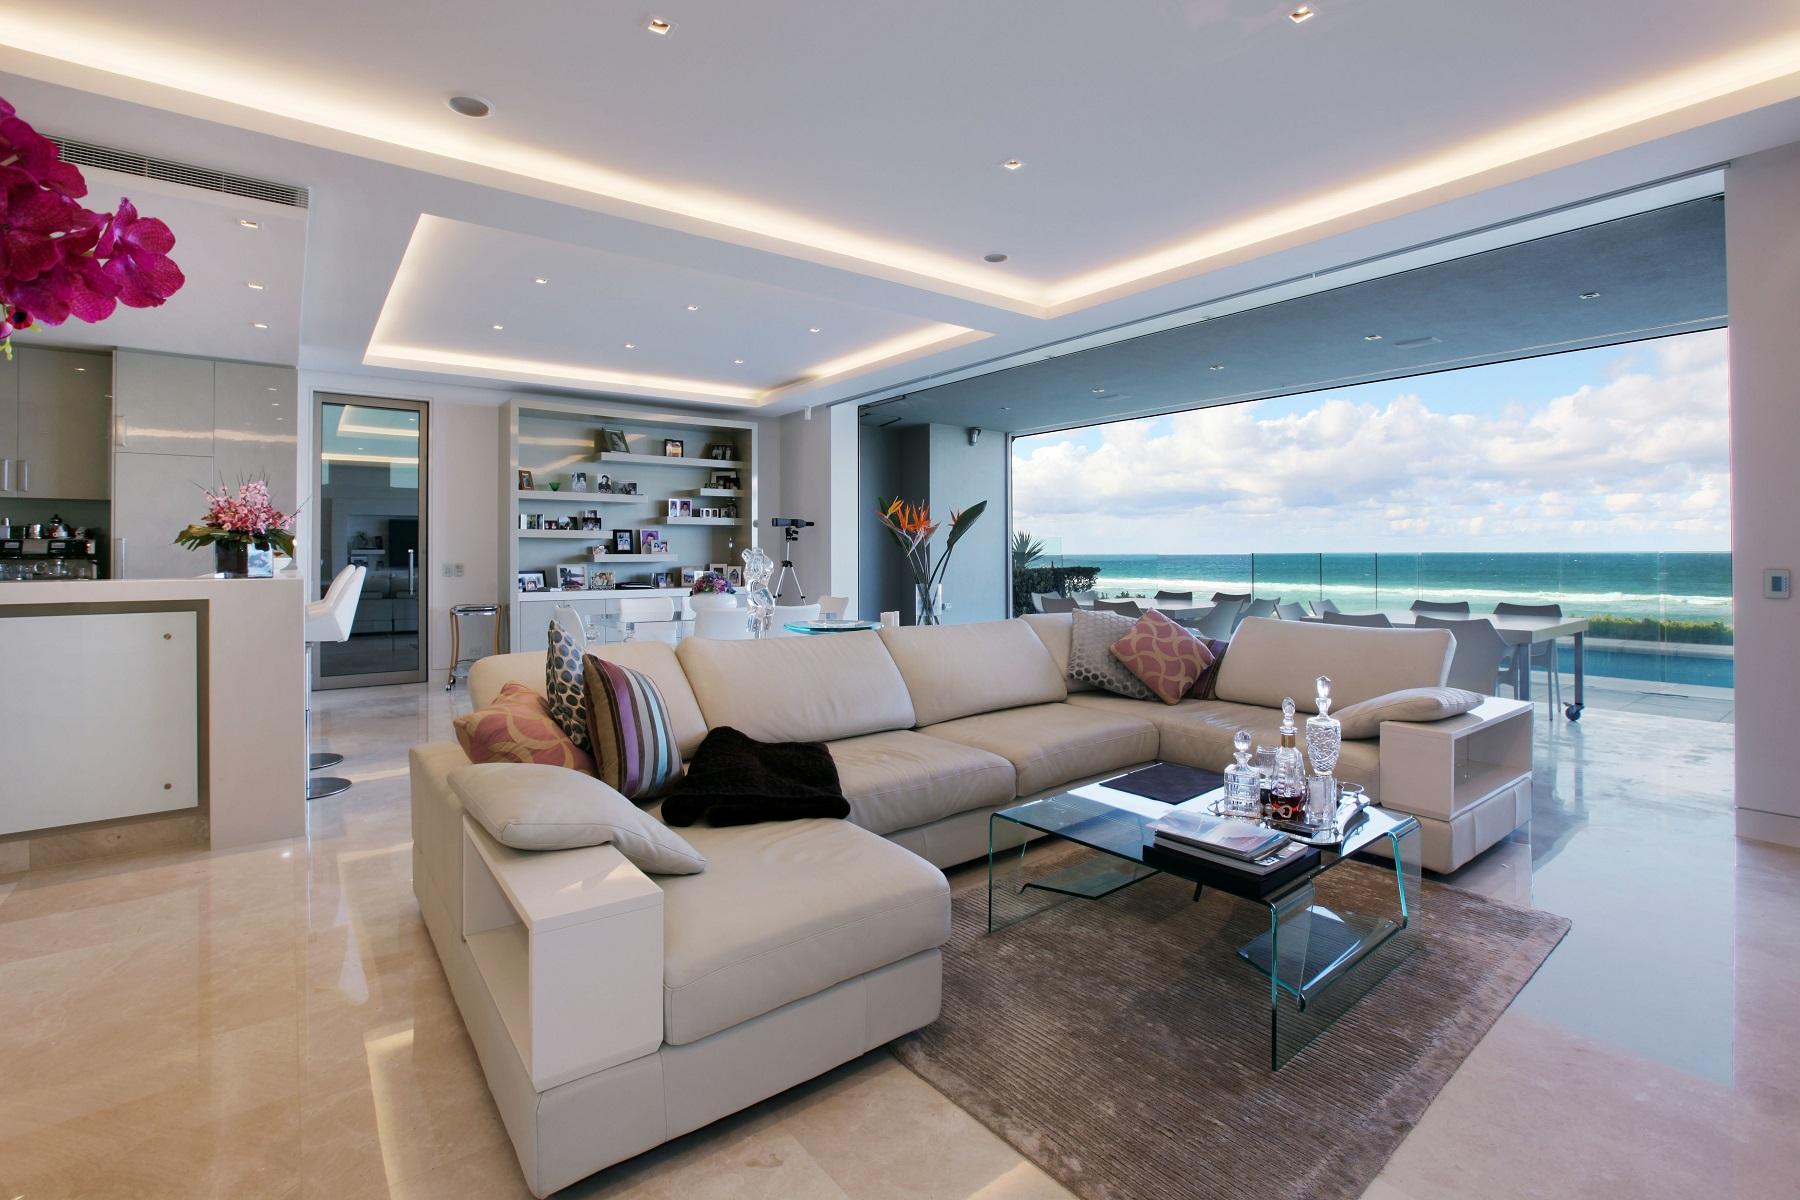 澳大利亞億萬富翁委託於2007年,布魯斯馬西森,159臣道簡直是澳大利亞最令人印象深刻的豪宅之一。當地的地標,這座現代化的傑作,體現了獨特的建築藝術品質的完美結合,使盛大的聲明對澳大利亞首屈一指的海濱地區之一的卓越水平。卓越的現代風格和優雅是顯而易見的在這個複雜的3級加地下室居住的每一個環節,通過樓梯和內部電動升降提供一個理想的564sm2角落海濱配股獲得超過113平方的豪華生活聯繫在一起。令人驚嘆的規模,但最終是勻稱的家,有3井規劃樓層加窗扇最大化的海濱環境和海洋的美景。創新的安全設計採用20mm厚的玻